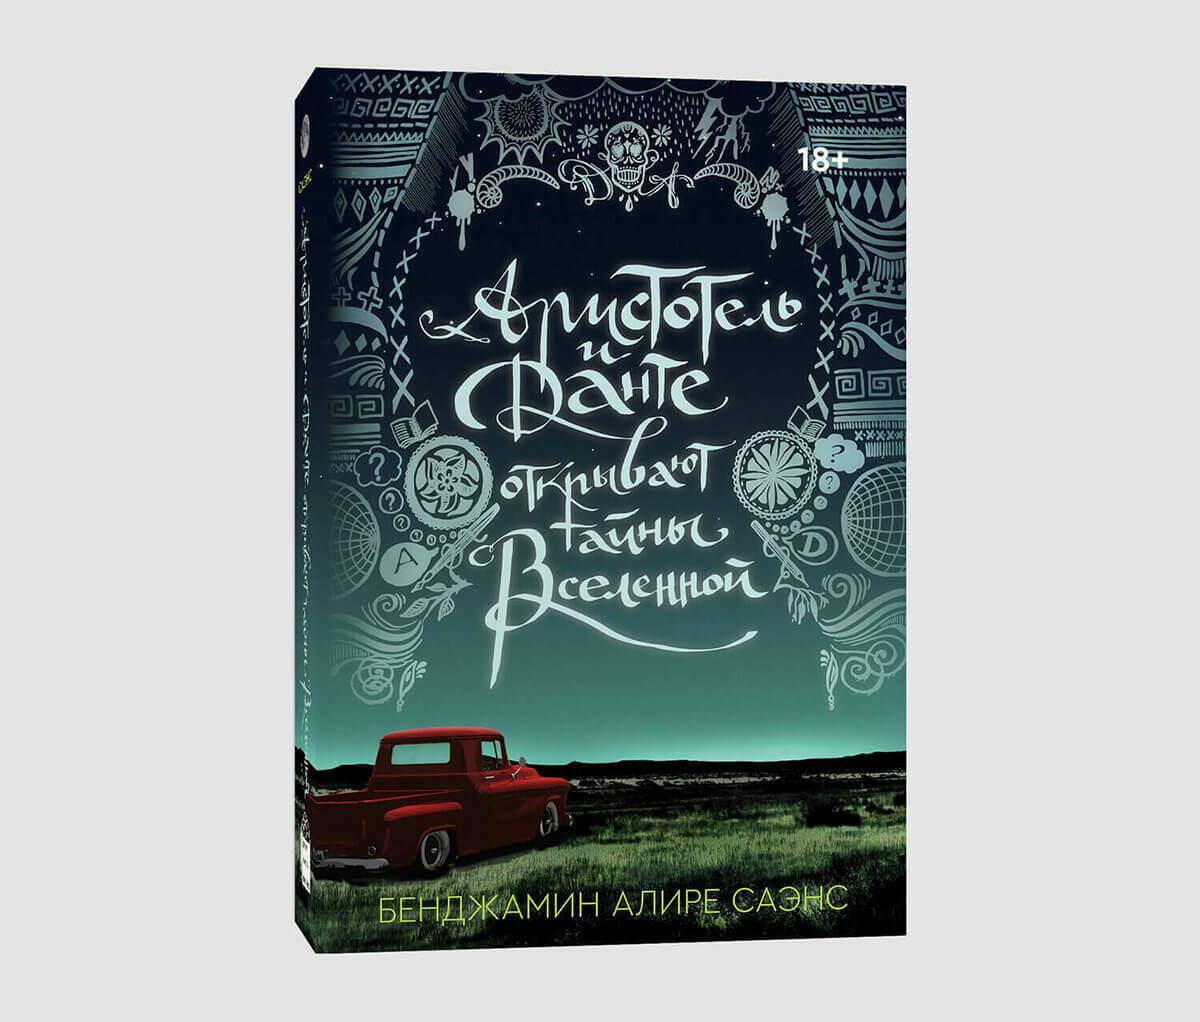 Книга «Аристотель и Данте открывают тайны Вселенной» Бенджамина Алире Саэнса